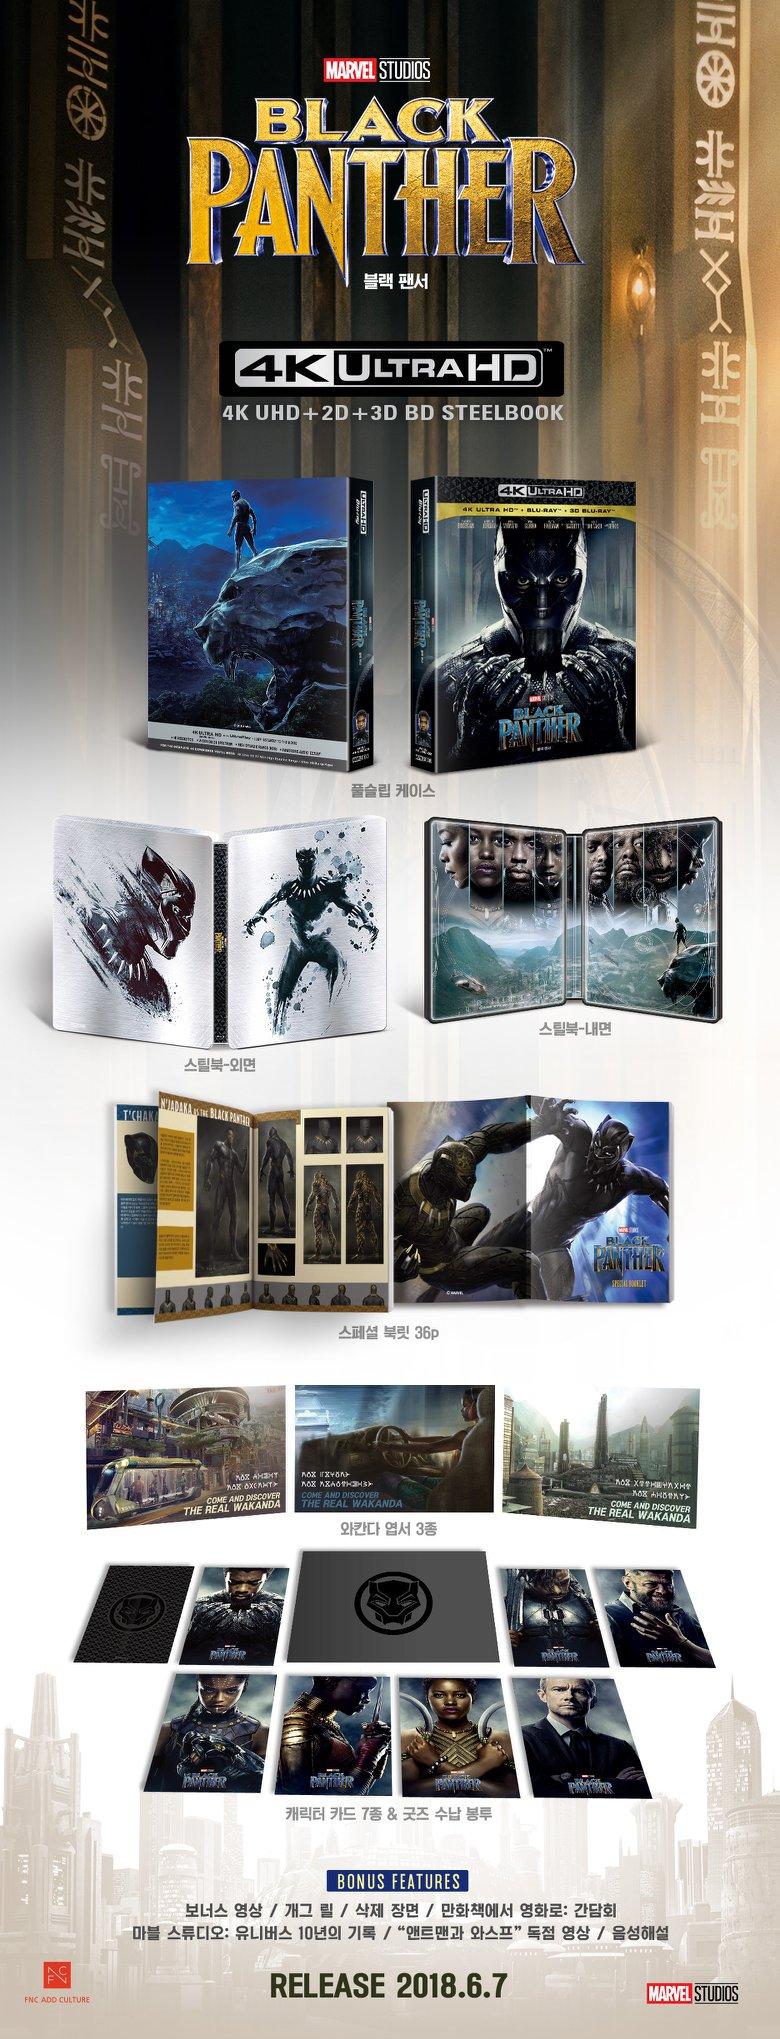 ブラックパンサー 韓国 スチールブック Black Panther Korea steelbook